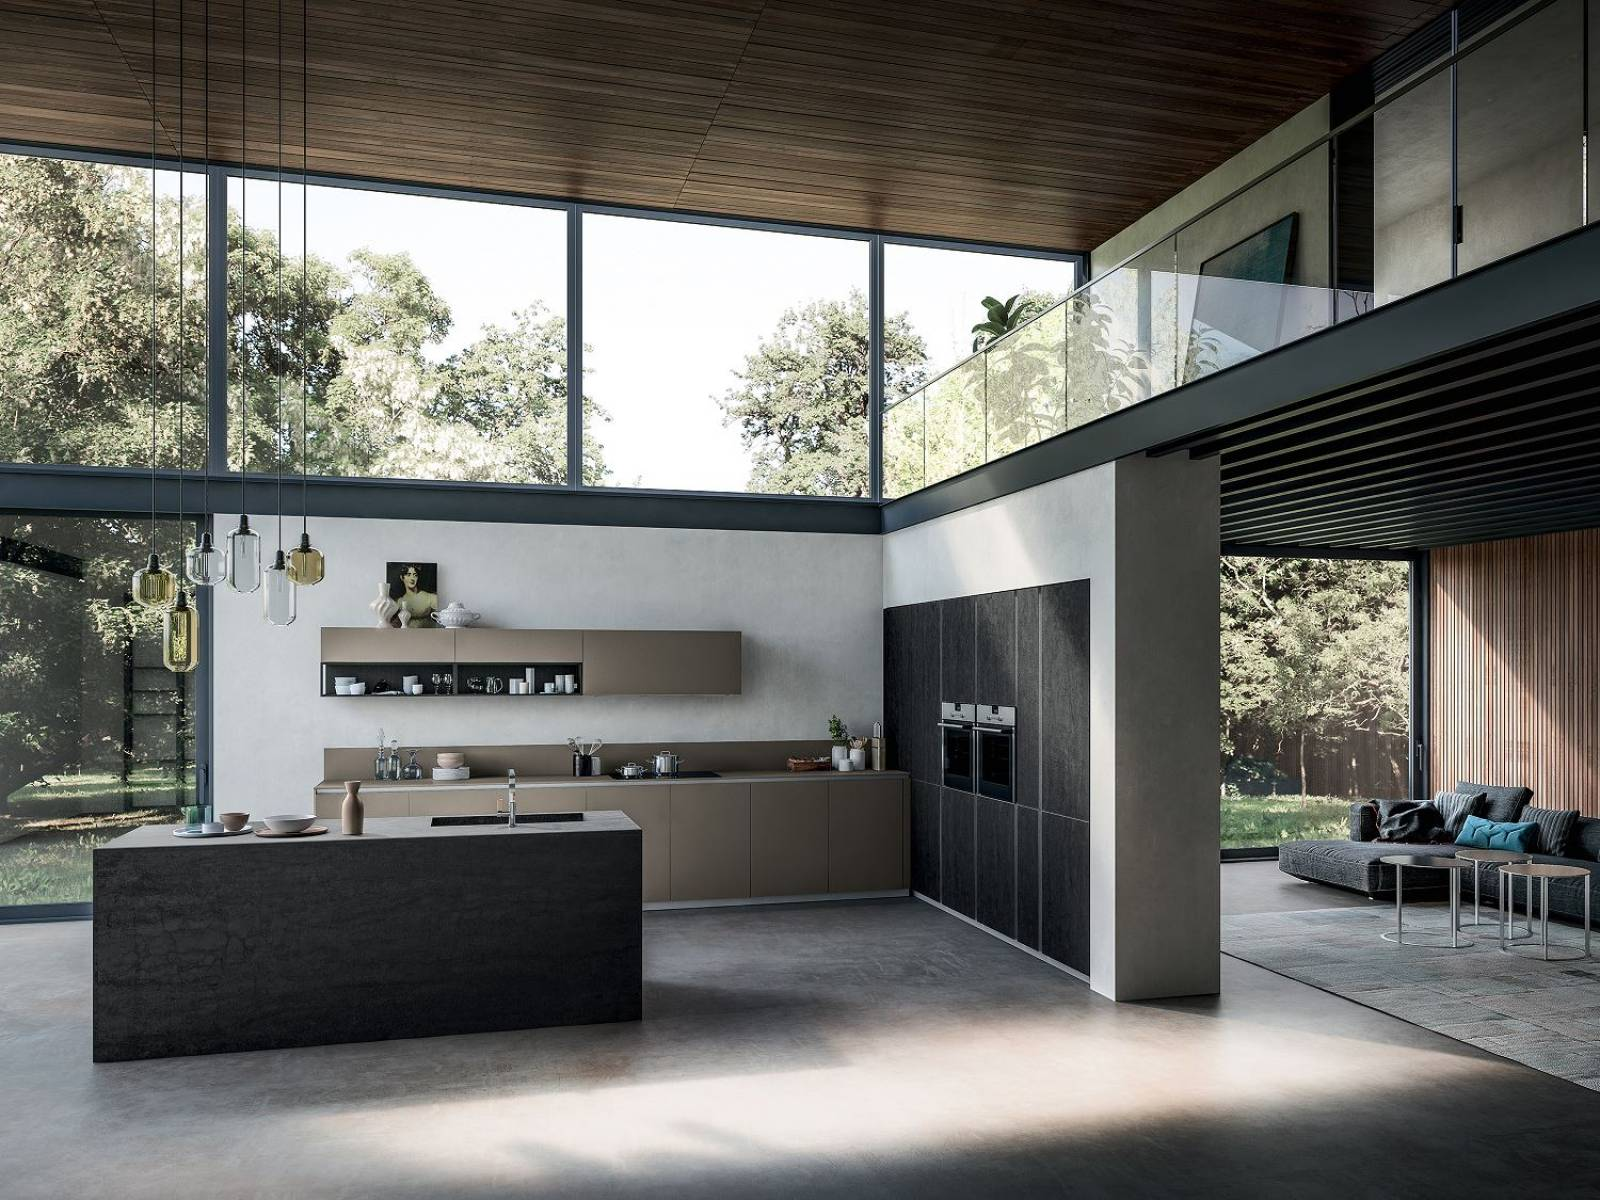 Cuisine italienne design cuisine allemande design for Cuisines italiennes modernes